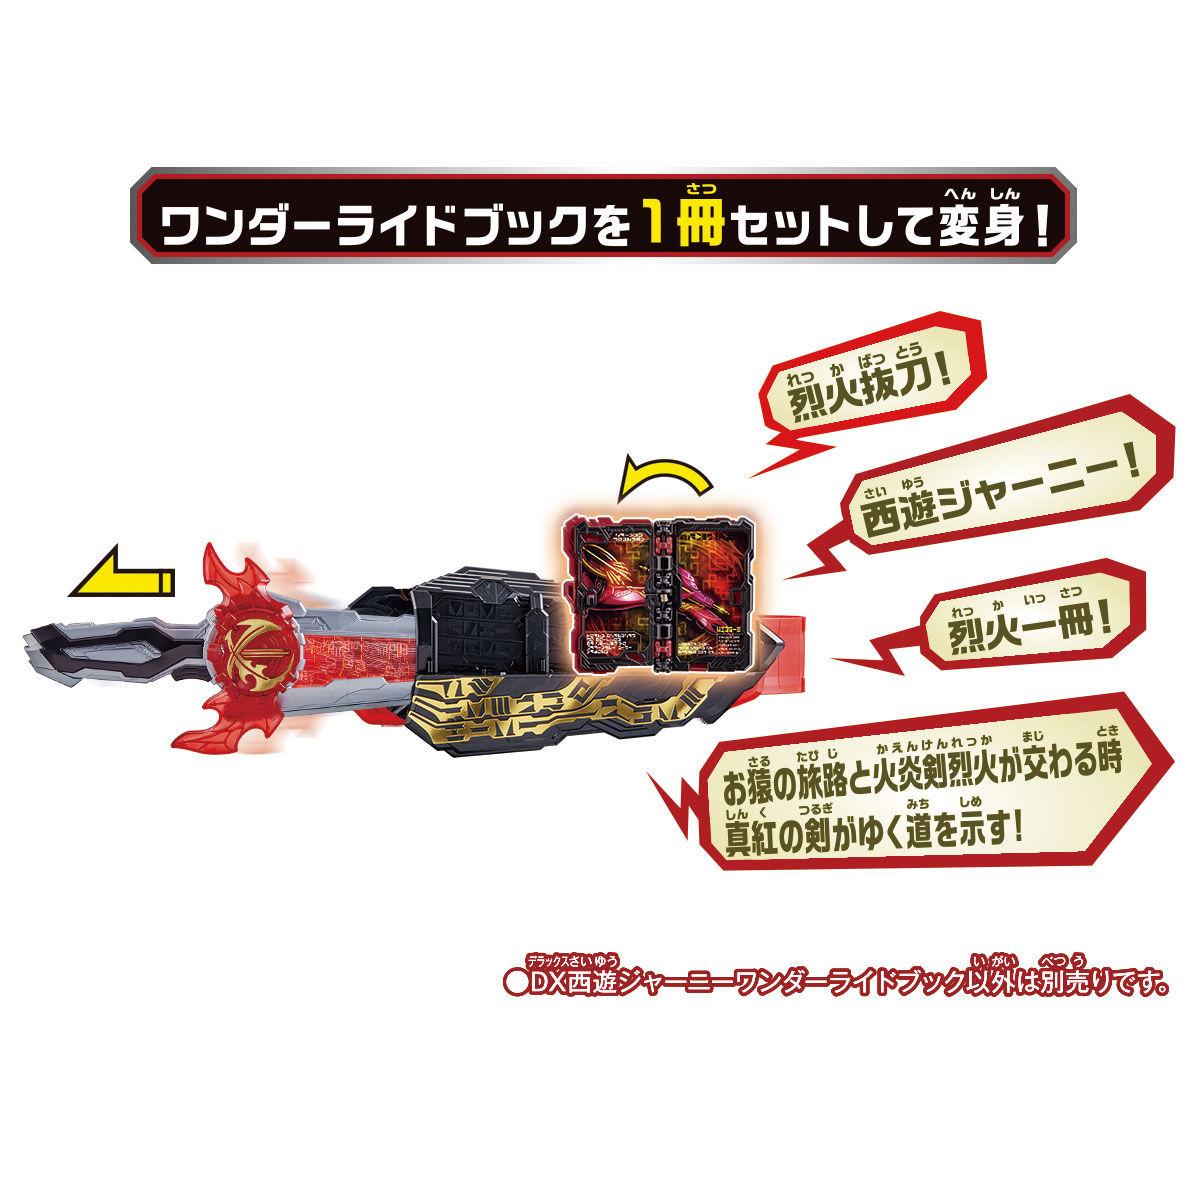 仮面ライダーセイバー『DX西遊ジャーニーワンダーライドブック』変身なりきり-004